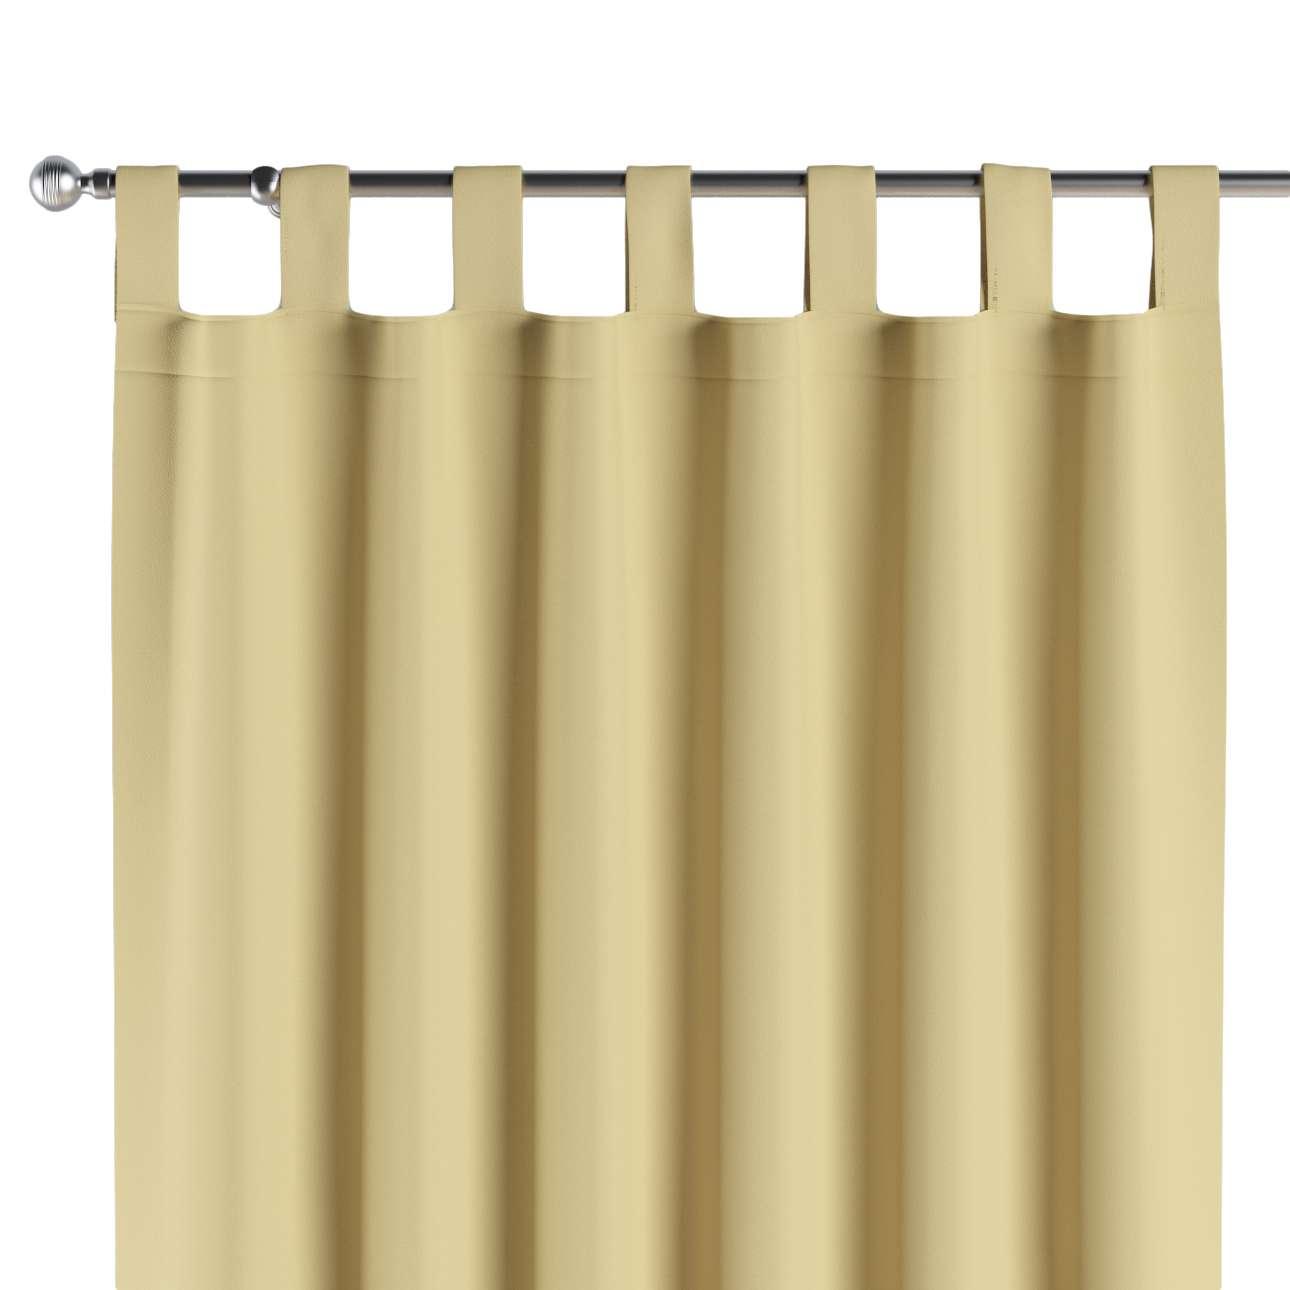 Verdunklungsvorhänge mit Schlaufen 1 Stk. 140x260 cm von der Kollektion Blackout (verdunkelnd), Stoff: 269-12